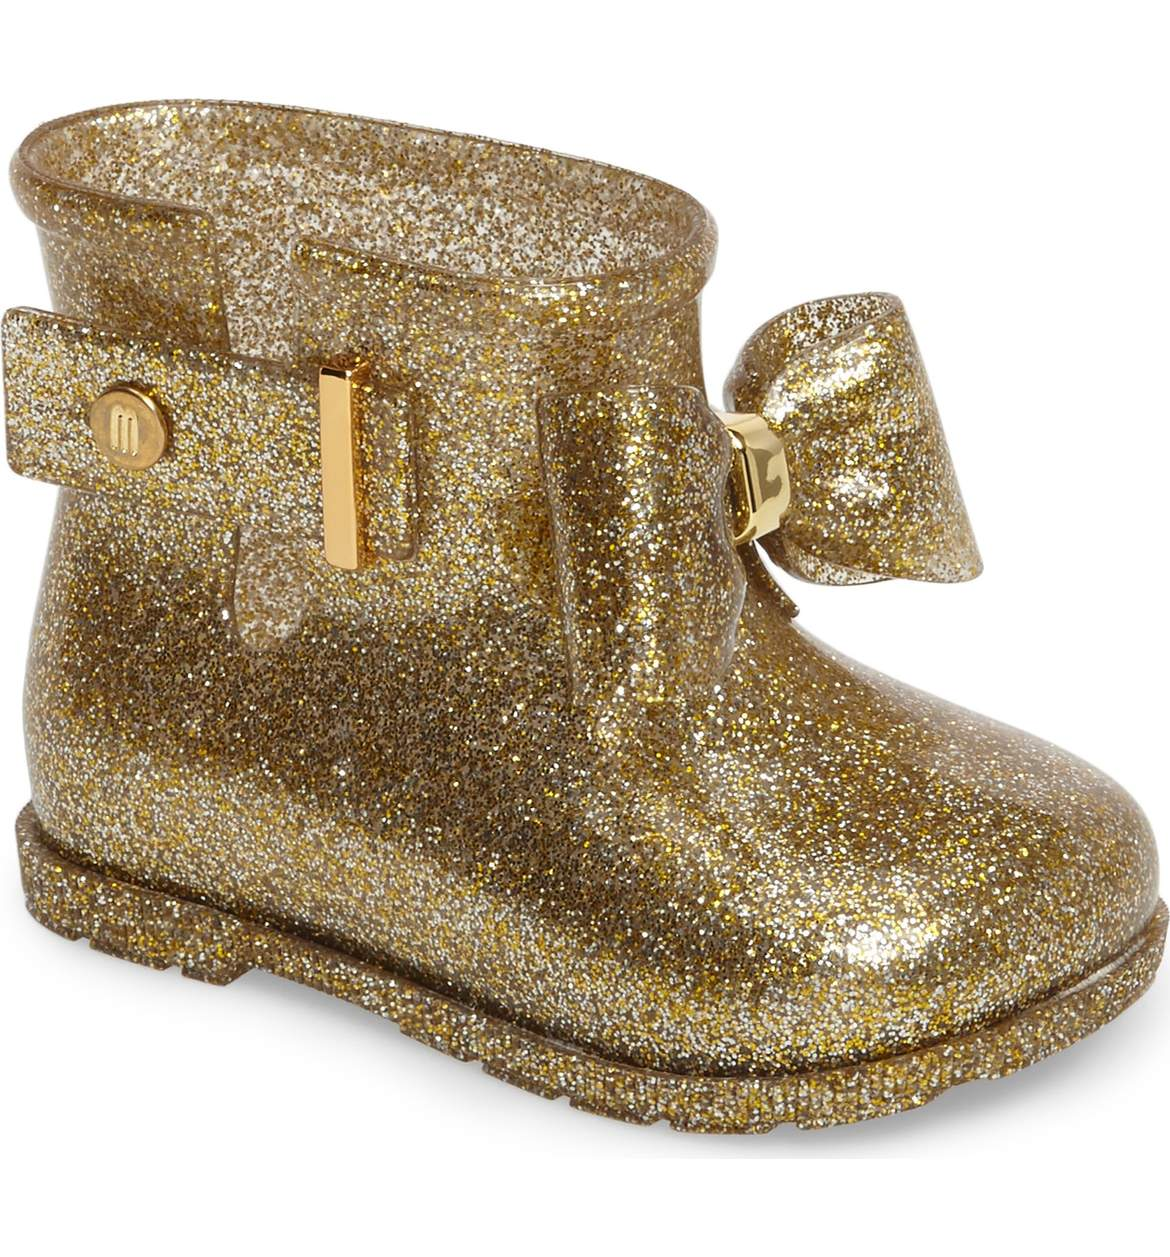 Cute Kids-Toddler Gold Glitter Rain Boots -- Mommy Blogger-Vlogger - The Overwhelmed Mommy